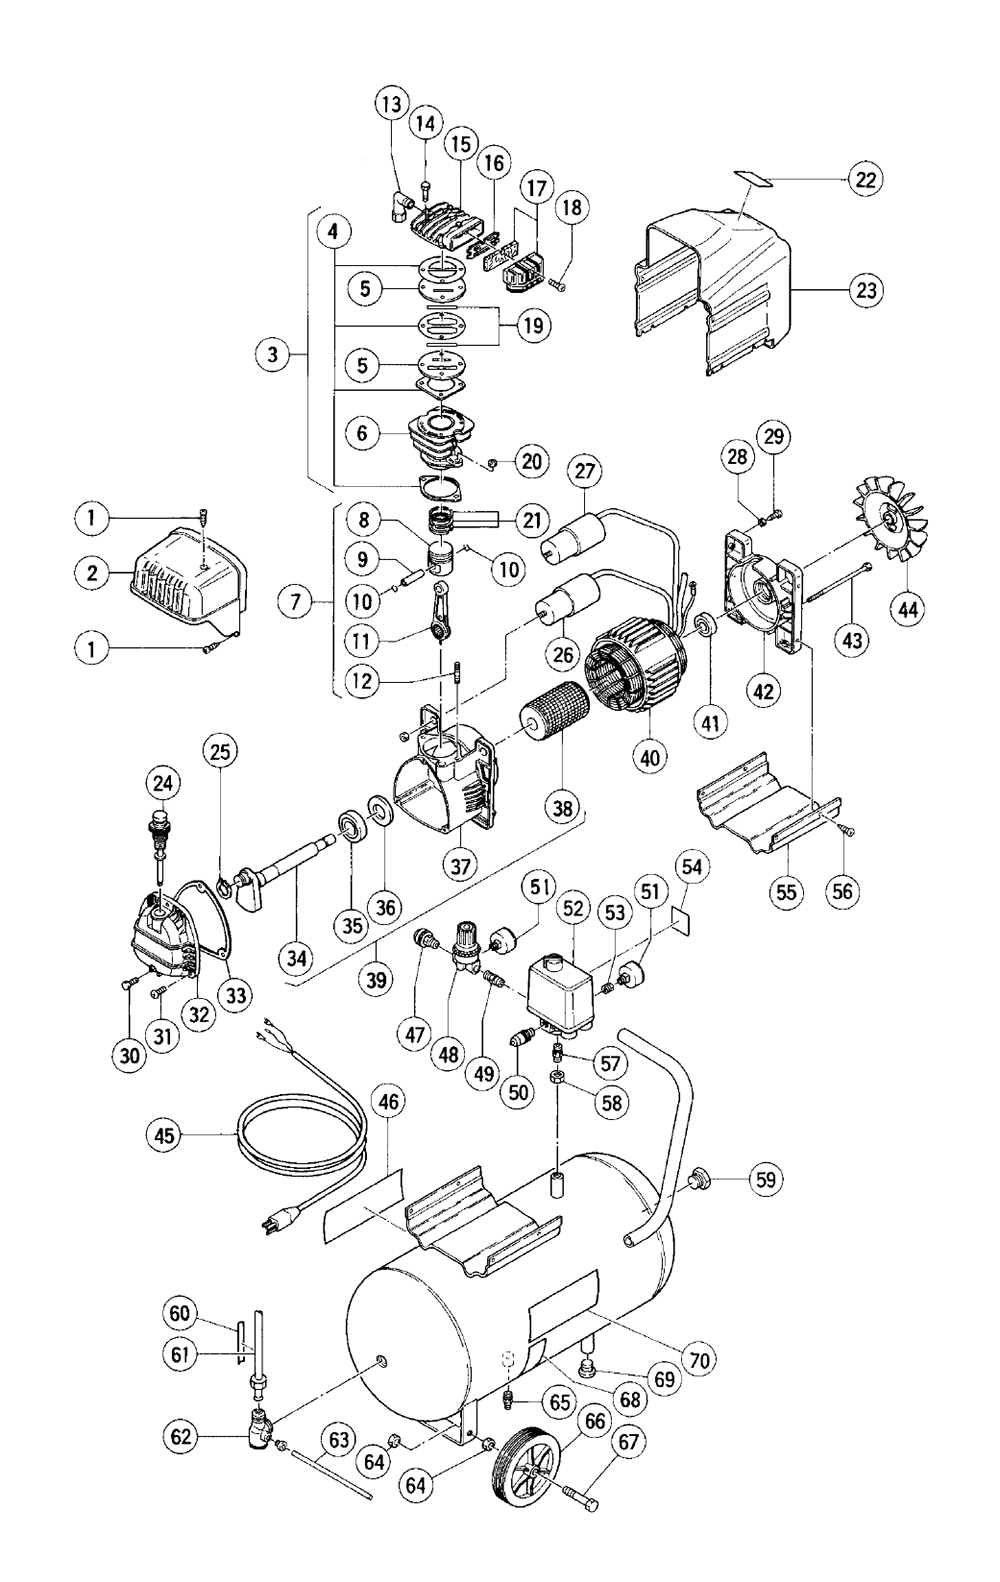 putzmeister wiring diagram  putzmeister  free engine image